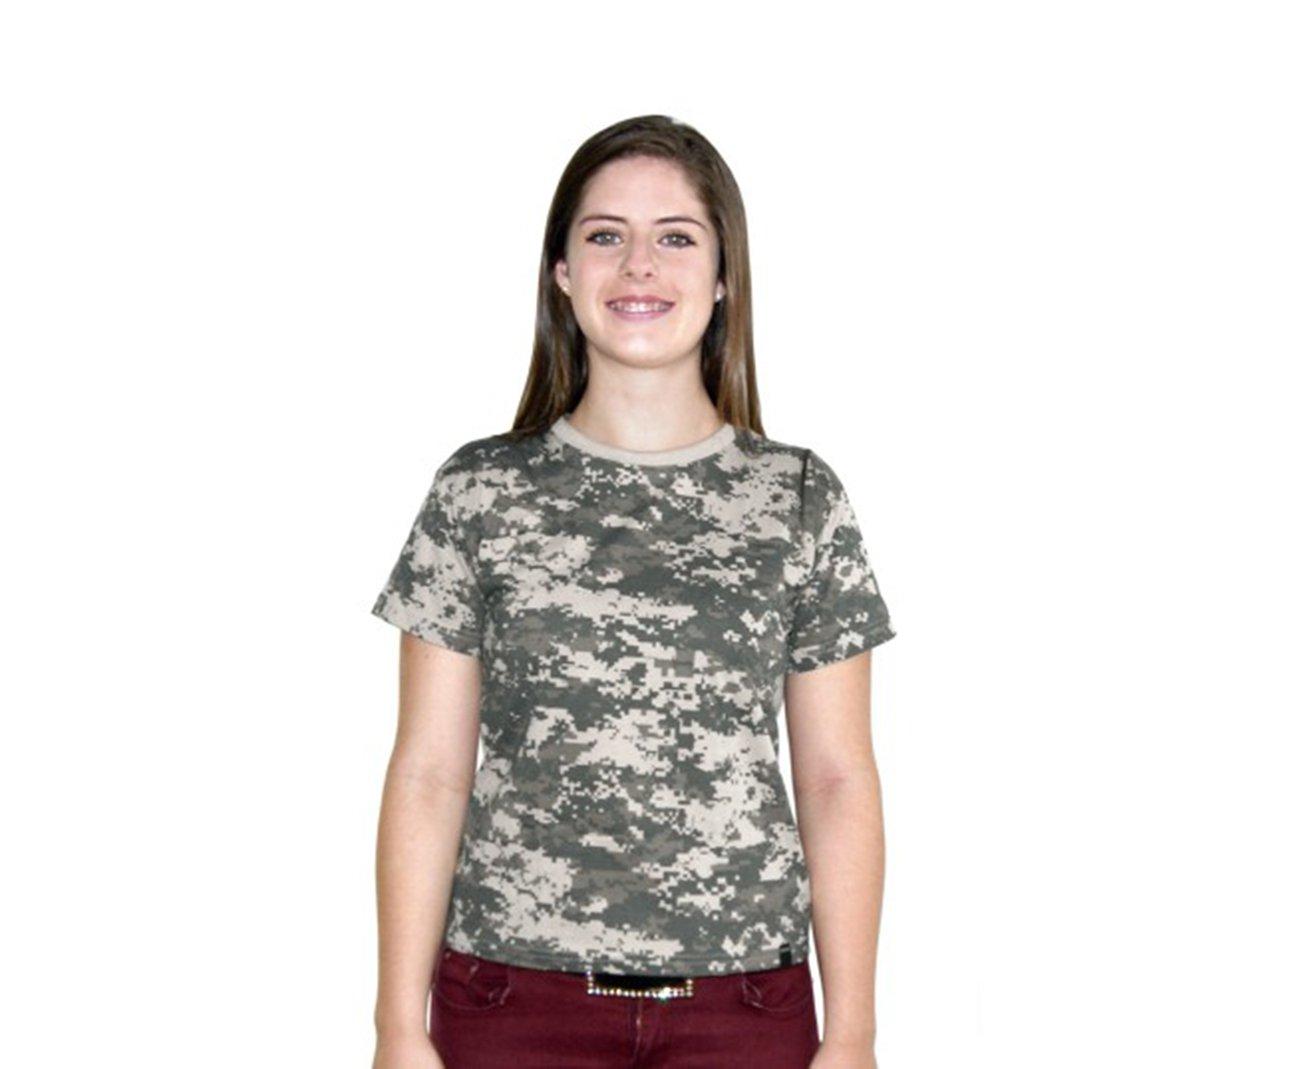 Baby Look Camuflada Digital Army Combaty Camuflado Digital - Bravo